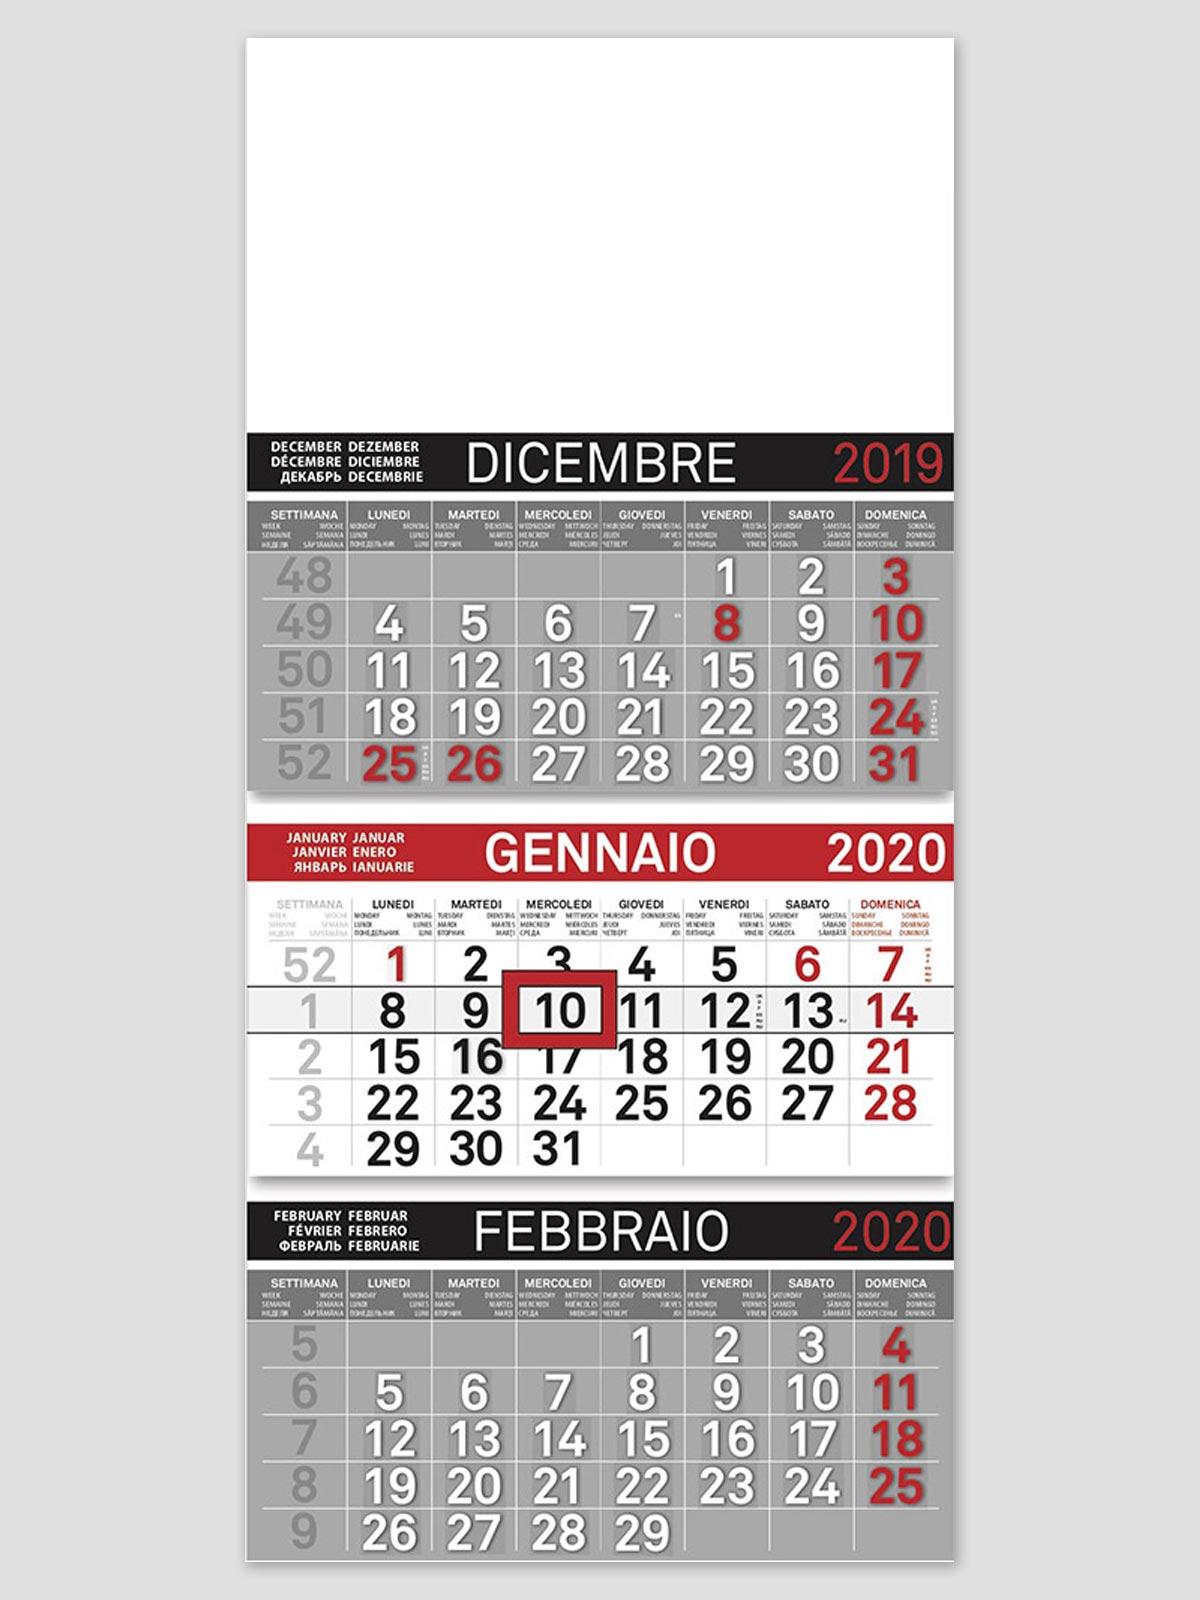 Calendario Parete.Calendario Da Parete Trittico Olandese Art 810 Cm 32x69